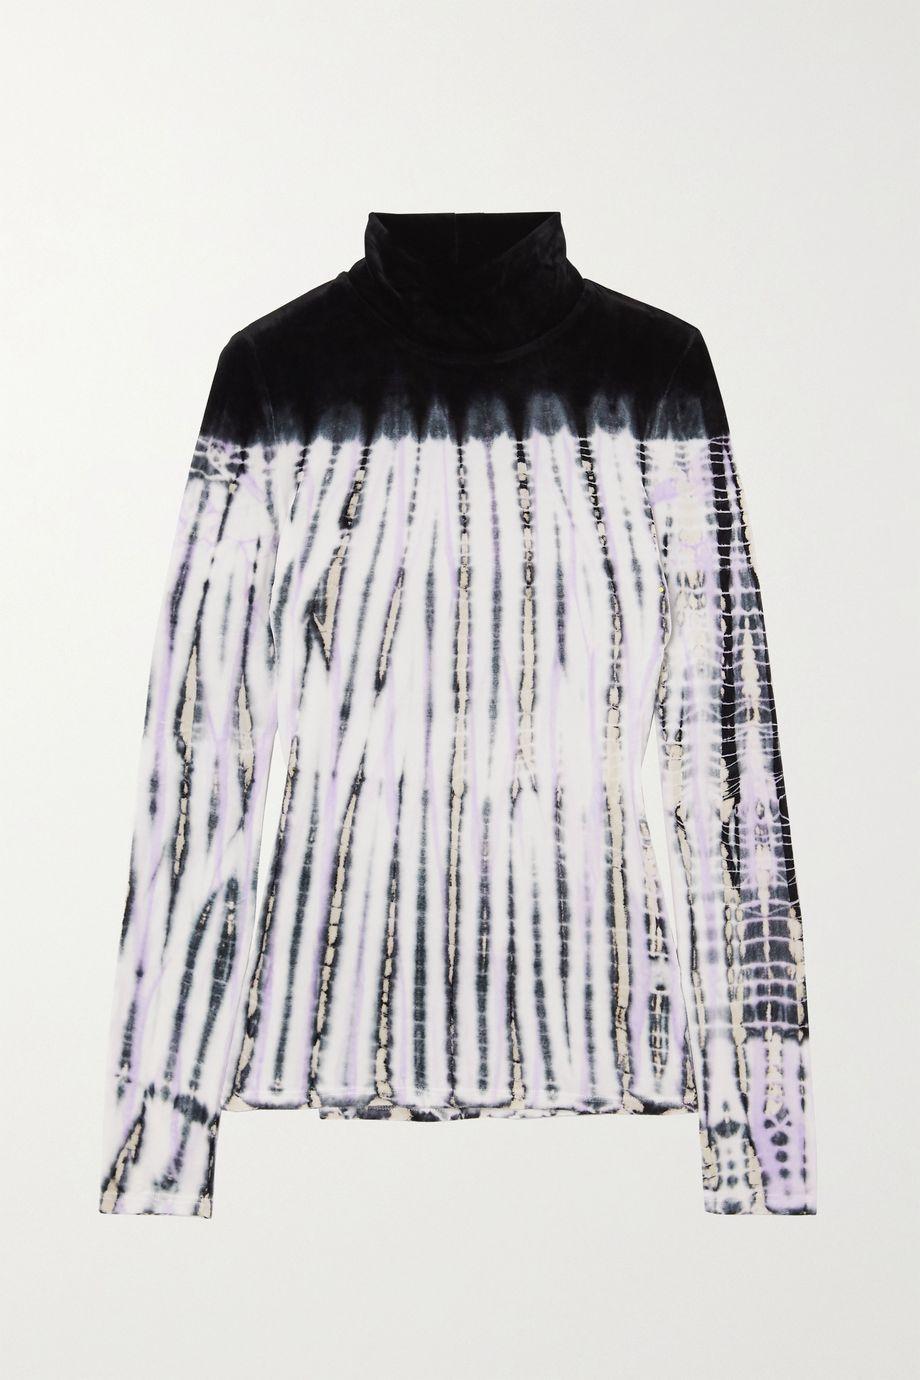 Proenza Schouler Oberteil aus Samt mit Batikmuster und Stehkragen